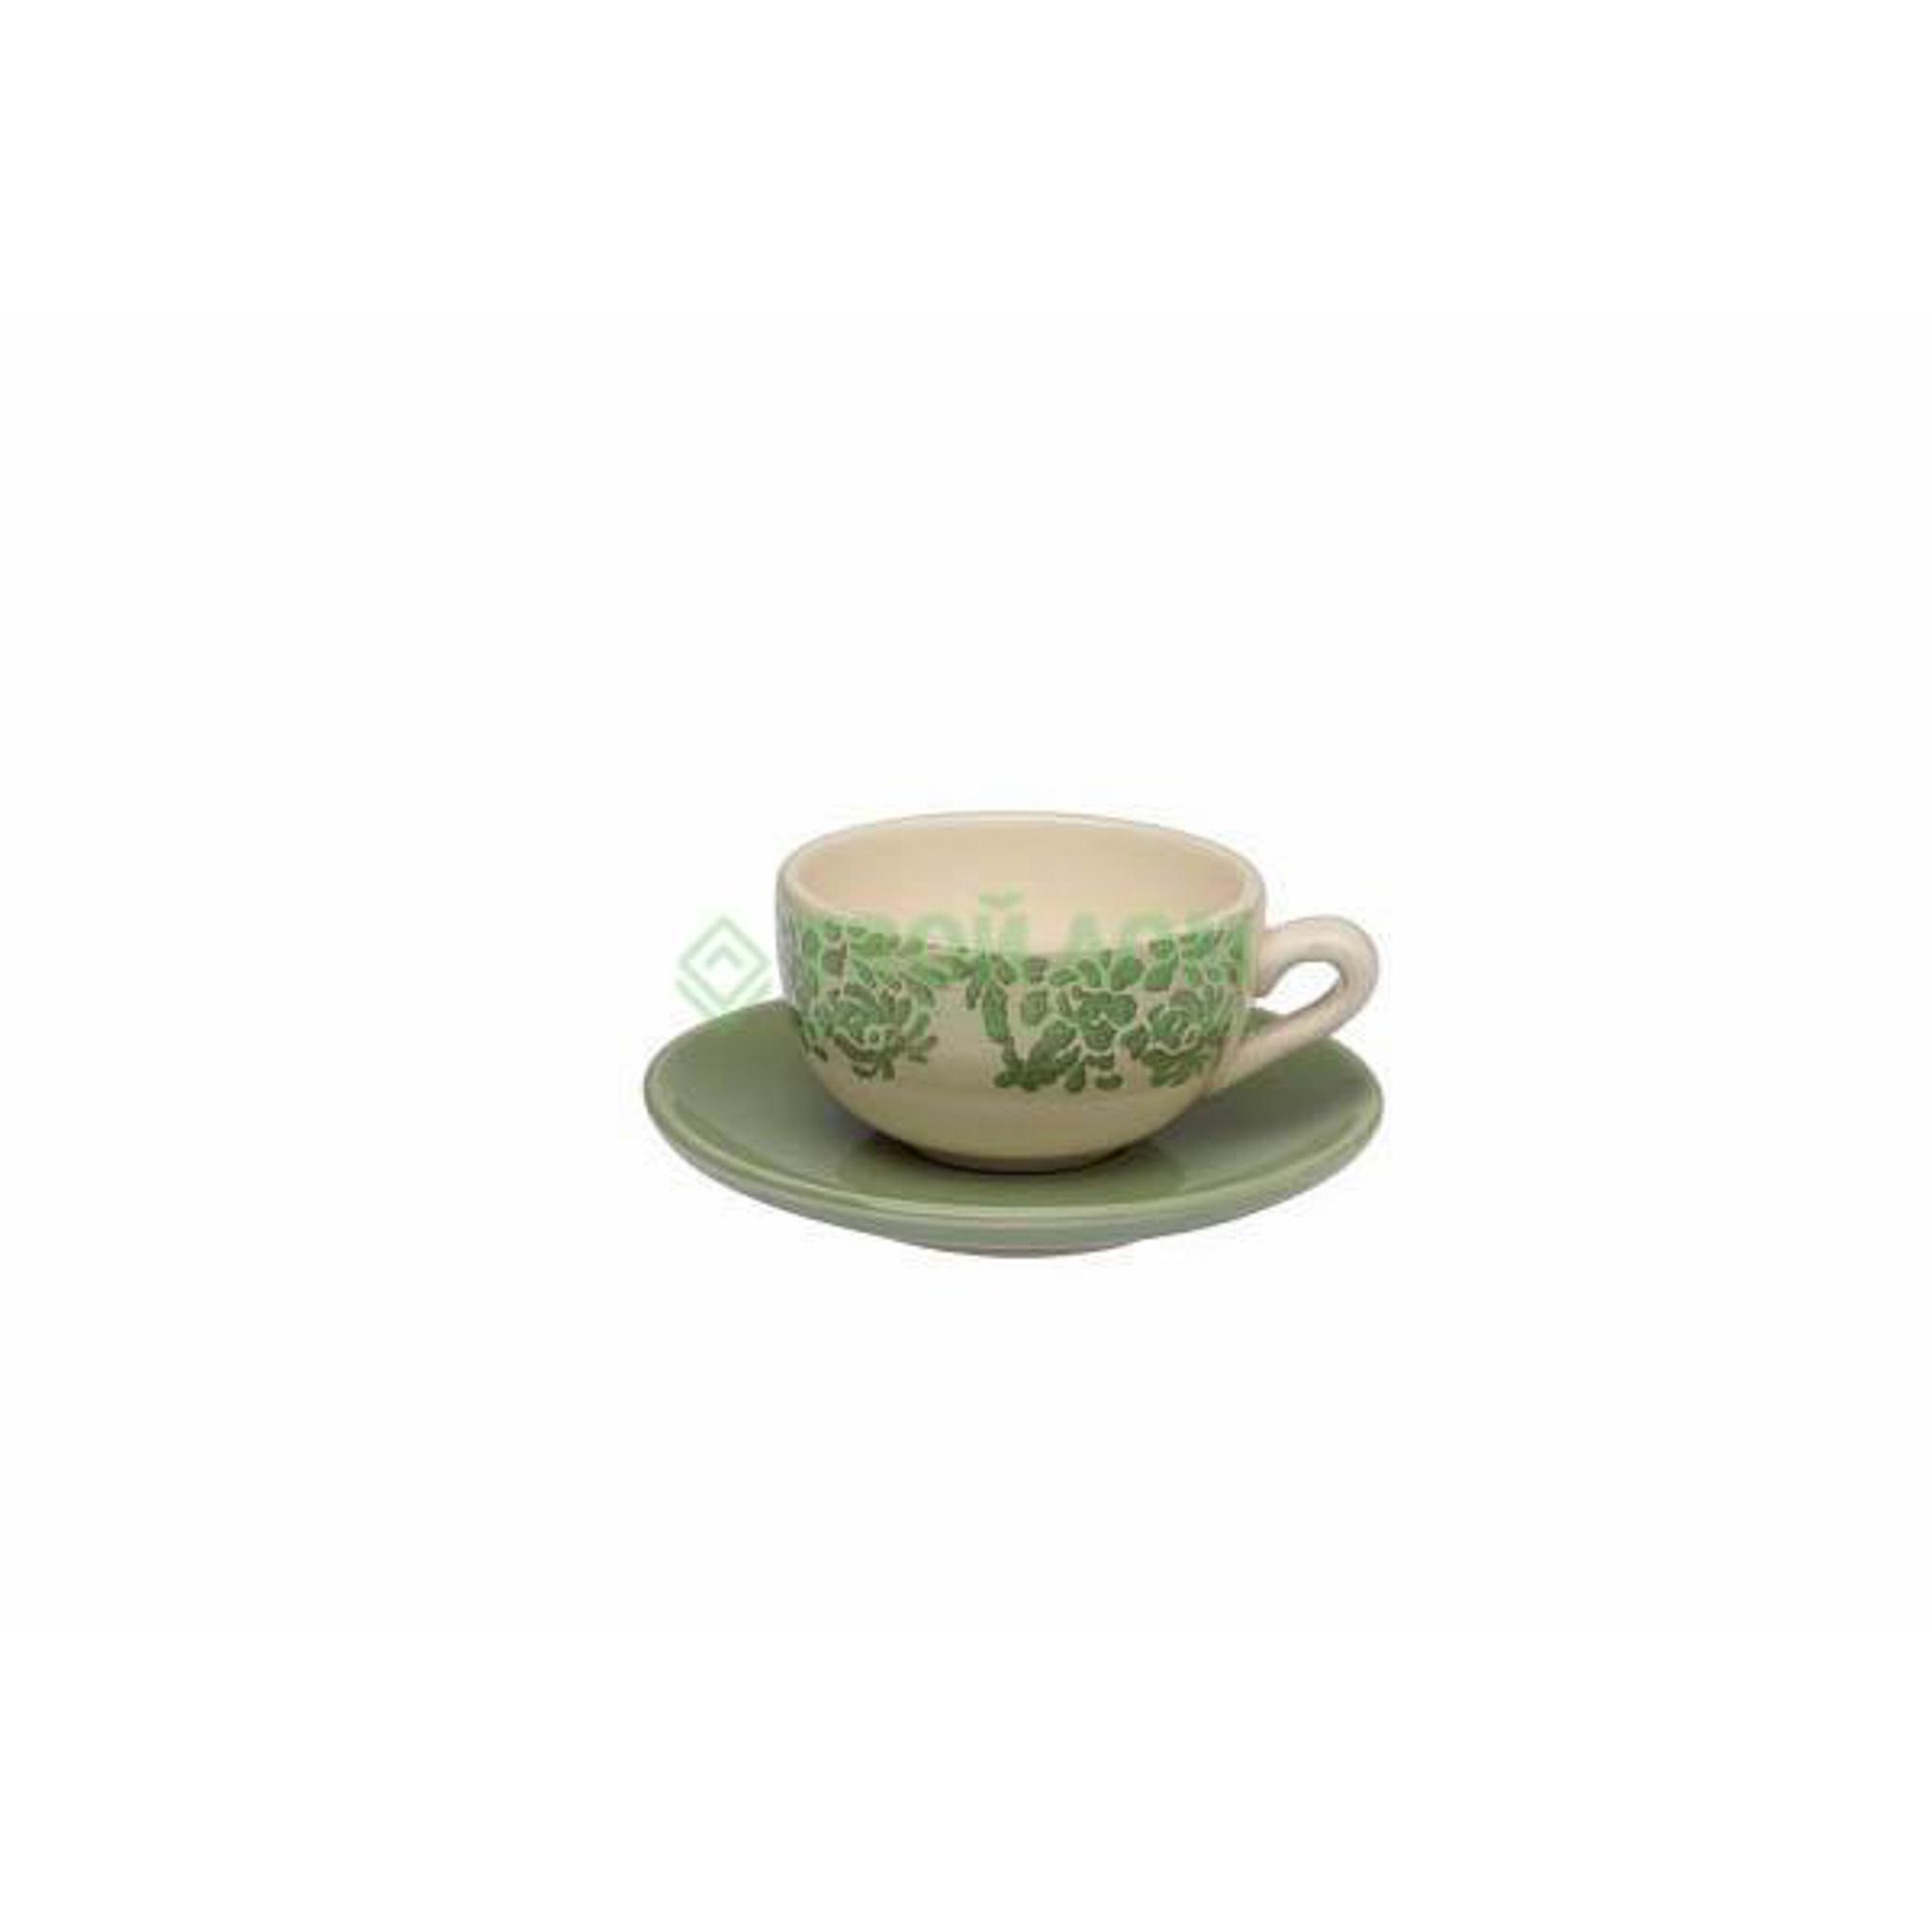 Набор чайный Tognana Coimbra 2 пр 130 мл Green (MI110100778) недорого